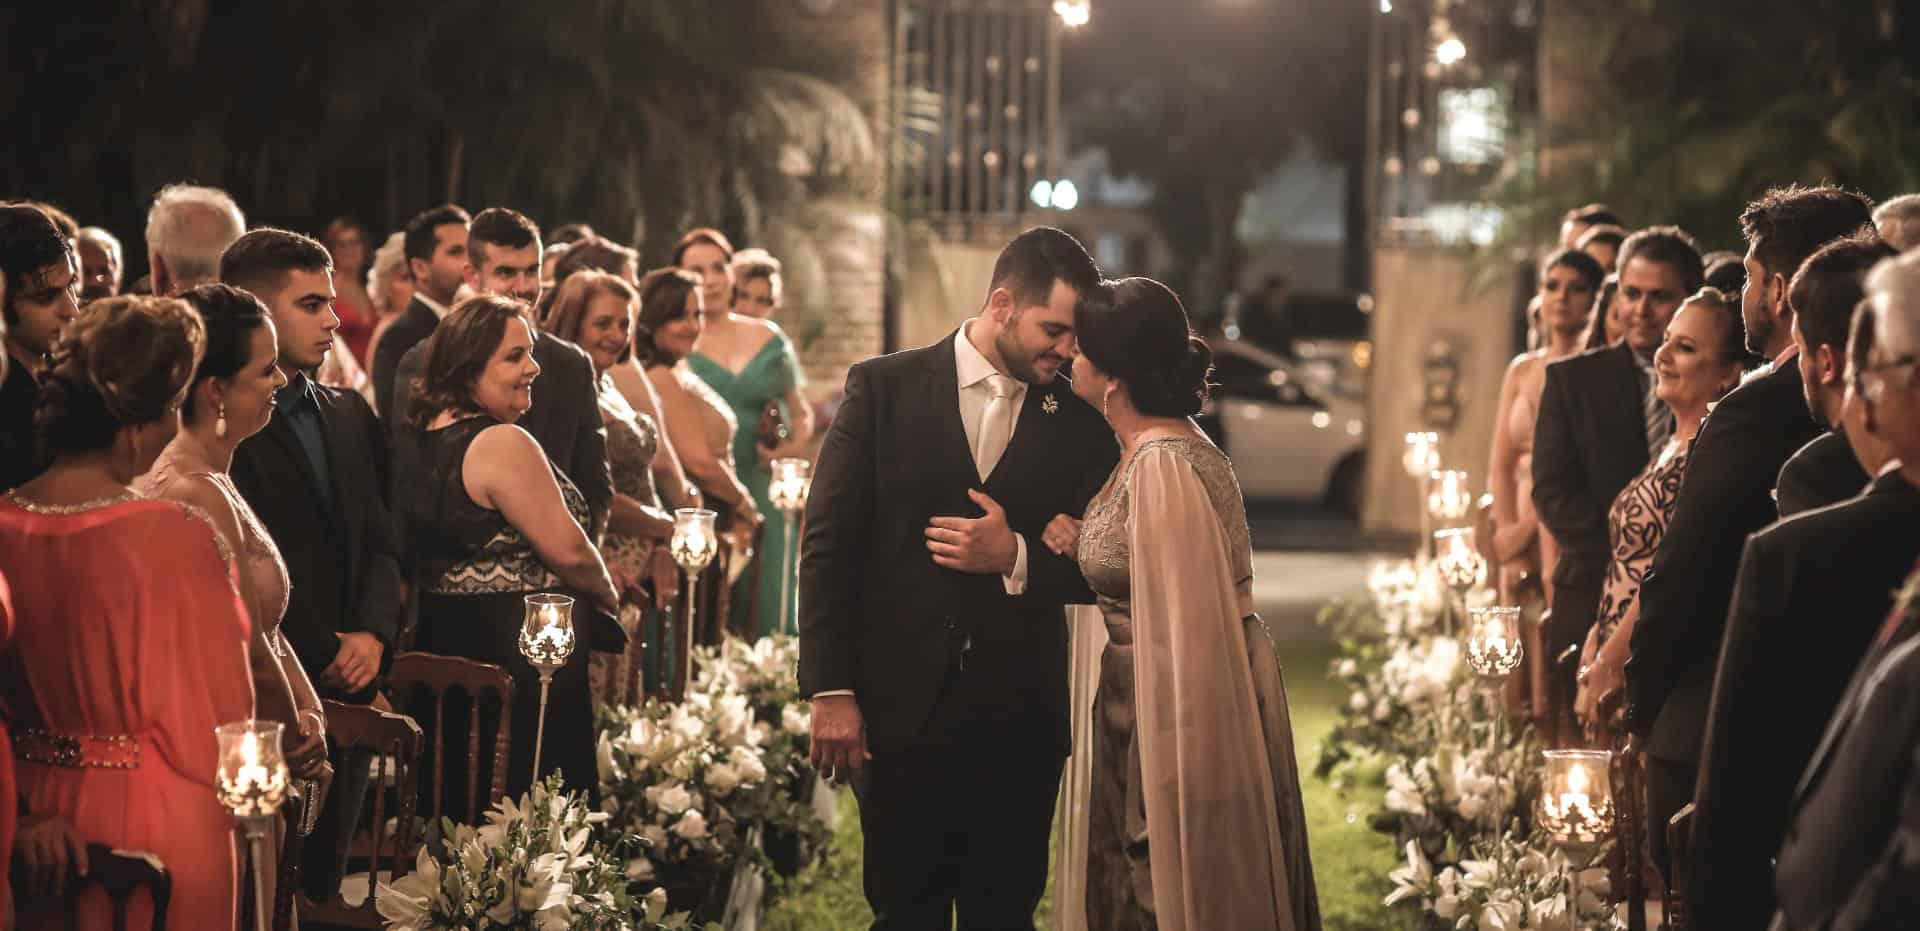 casamento-Juliana-e-Eduardo-cerimonia-Fotografia-Ricardo-Nascimento-e-Thereza-magno-Usina-dois-irmãos45